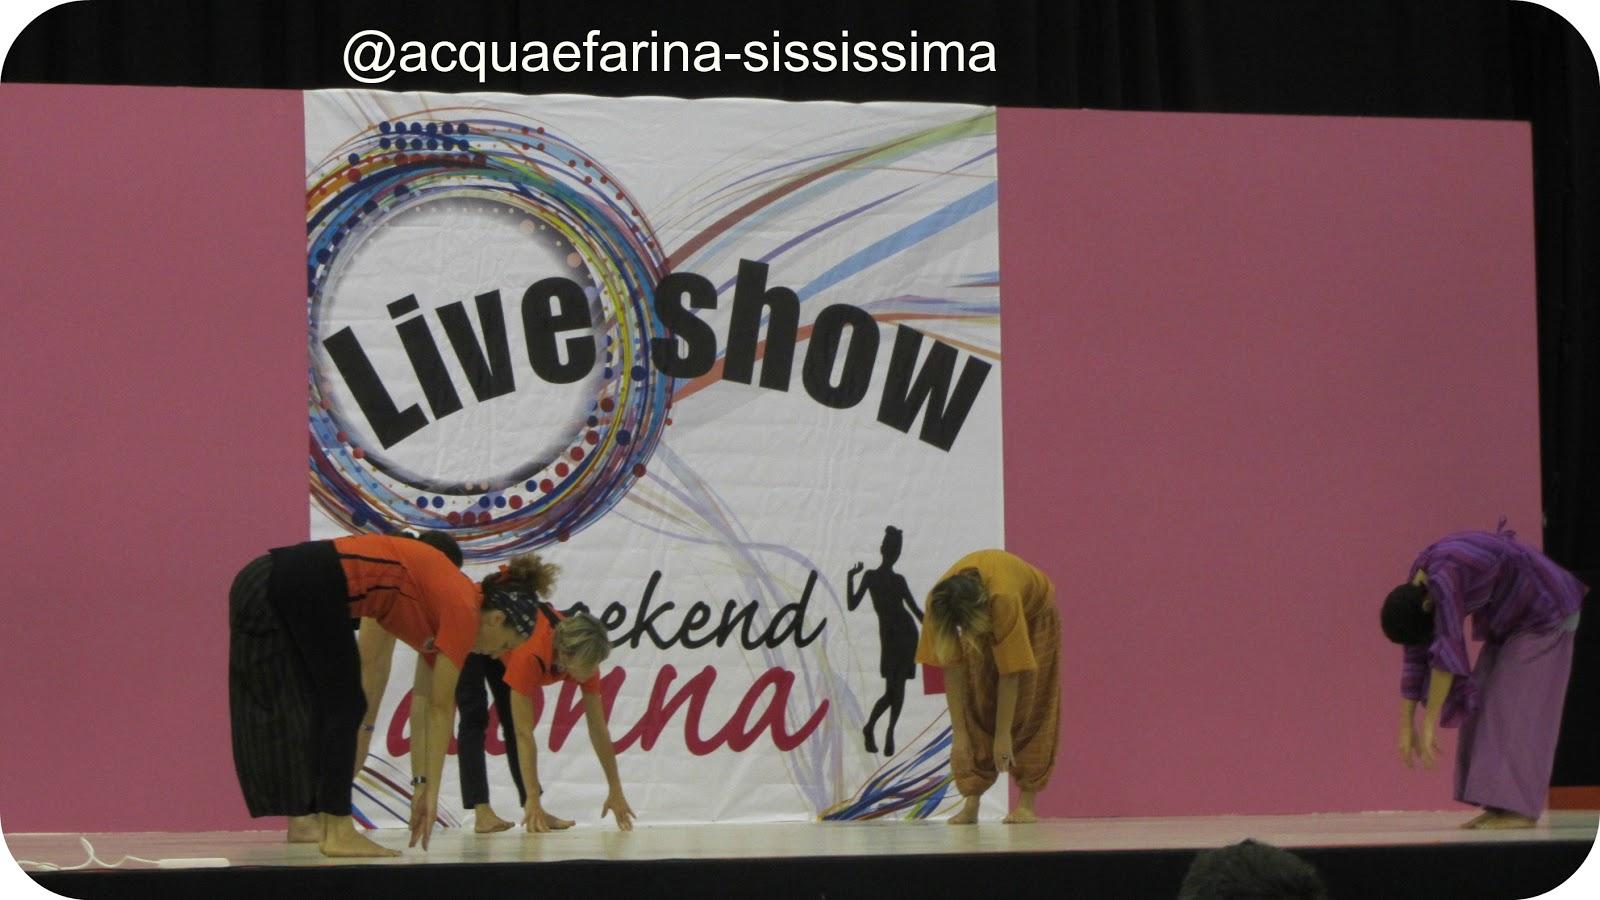 Acqua E Farina Sississima Hobby Show